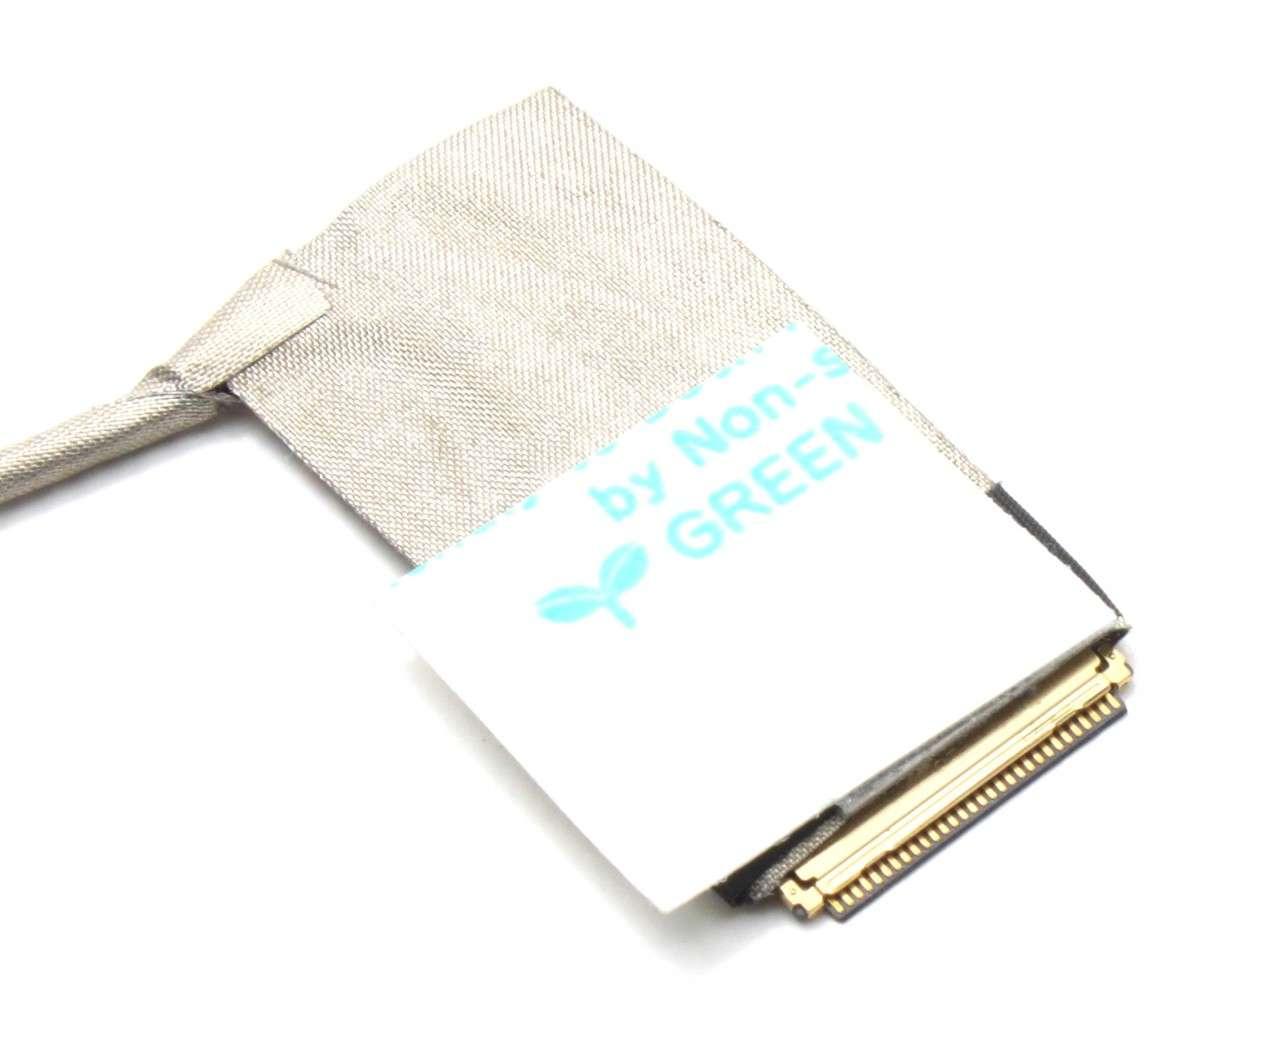 Cablu video LVDS Dell 450.00M01.0012 imagine powerlaptop.ro 2021